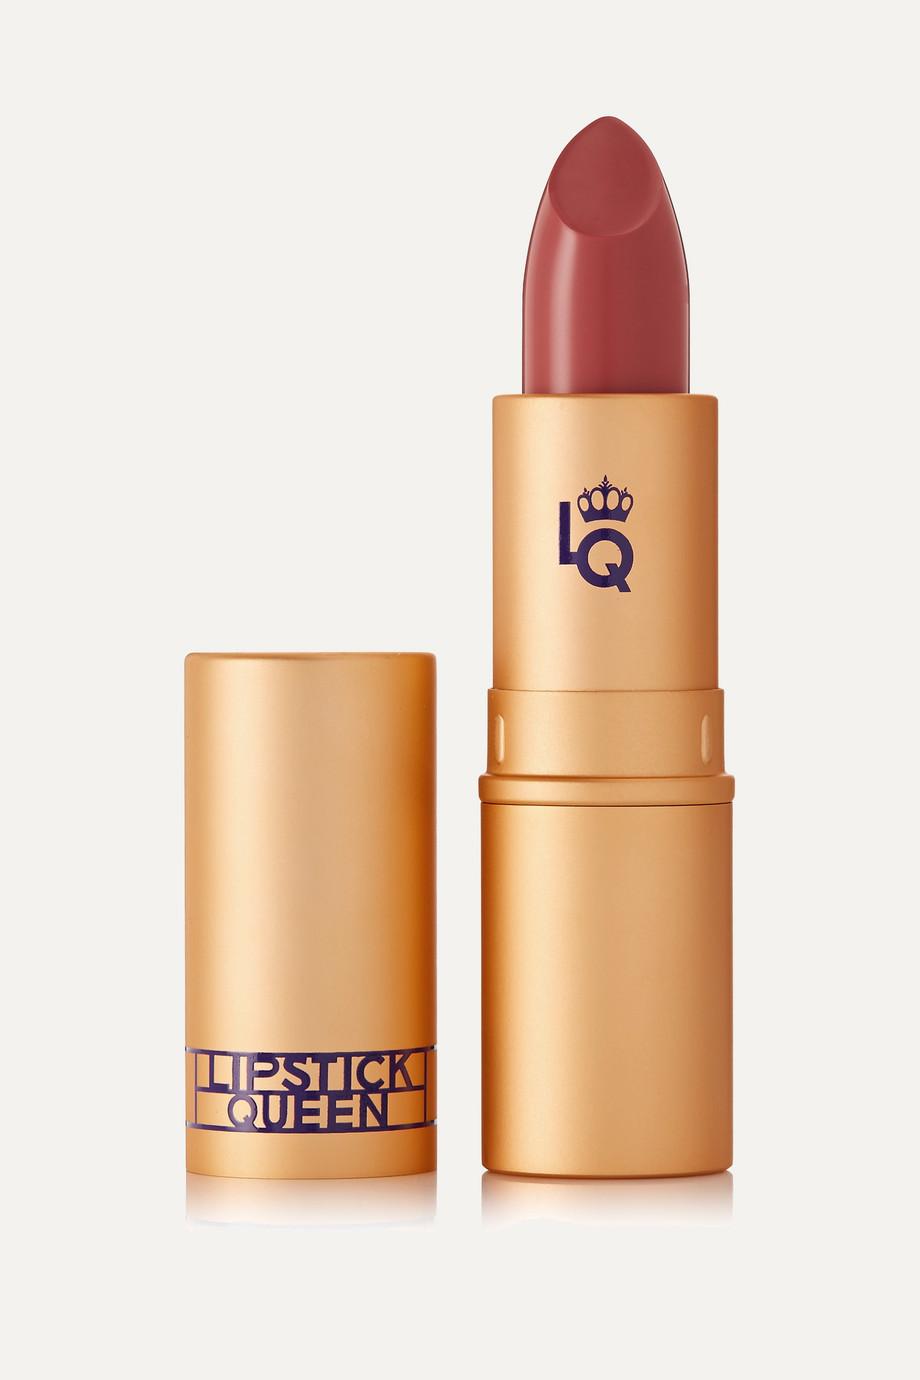 Lipstick Queen Saint Lipstick – Peachy Natural – Lippenstift